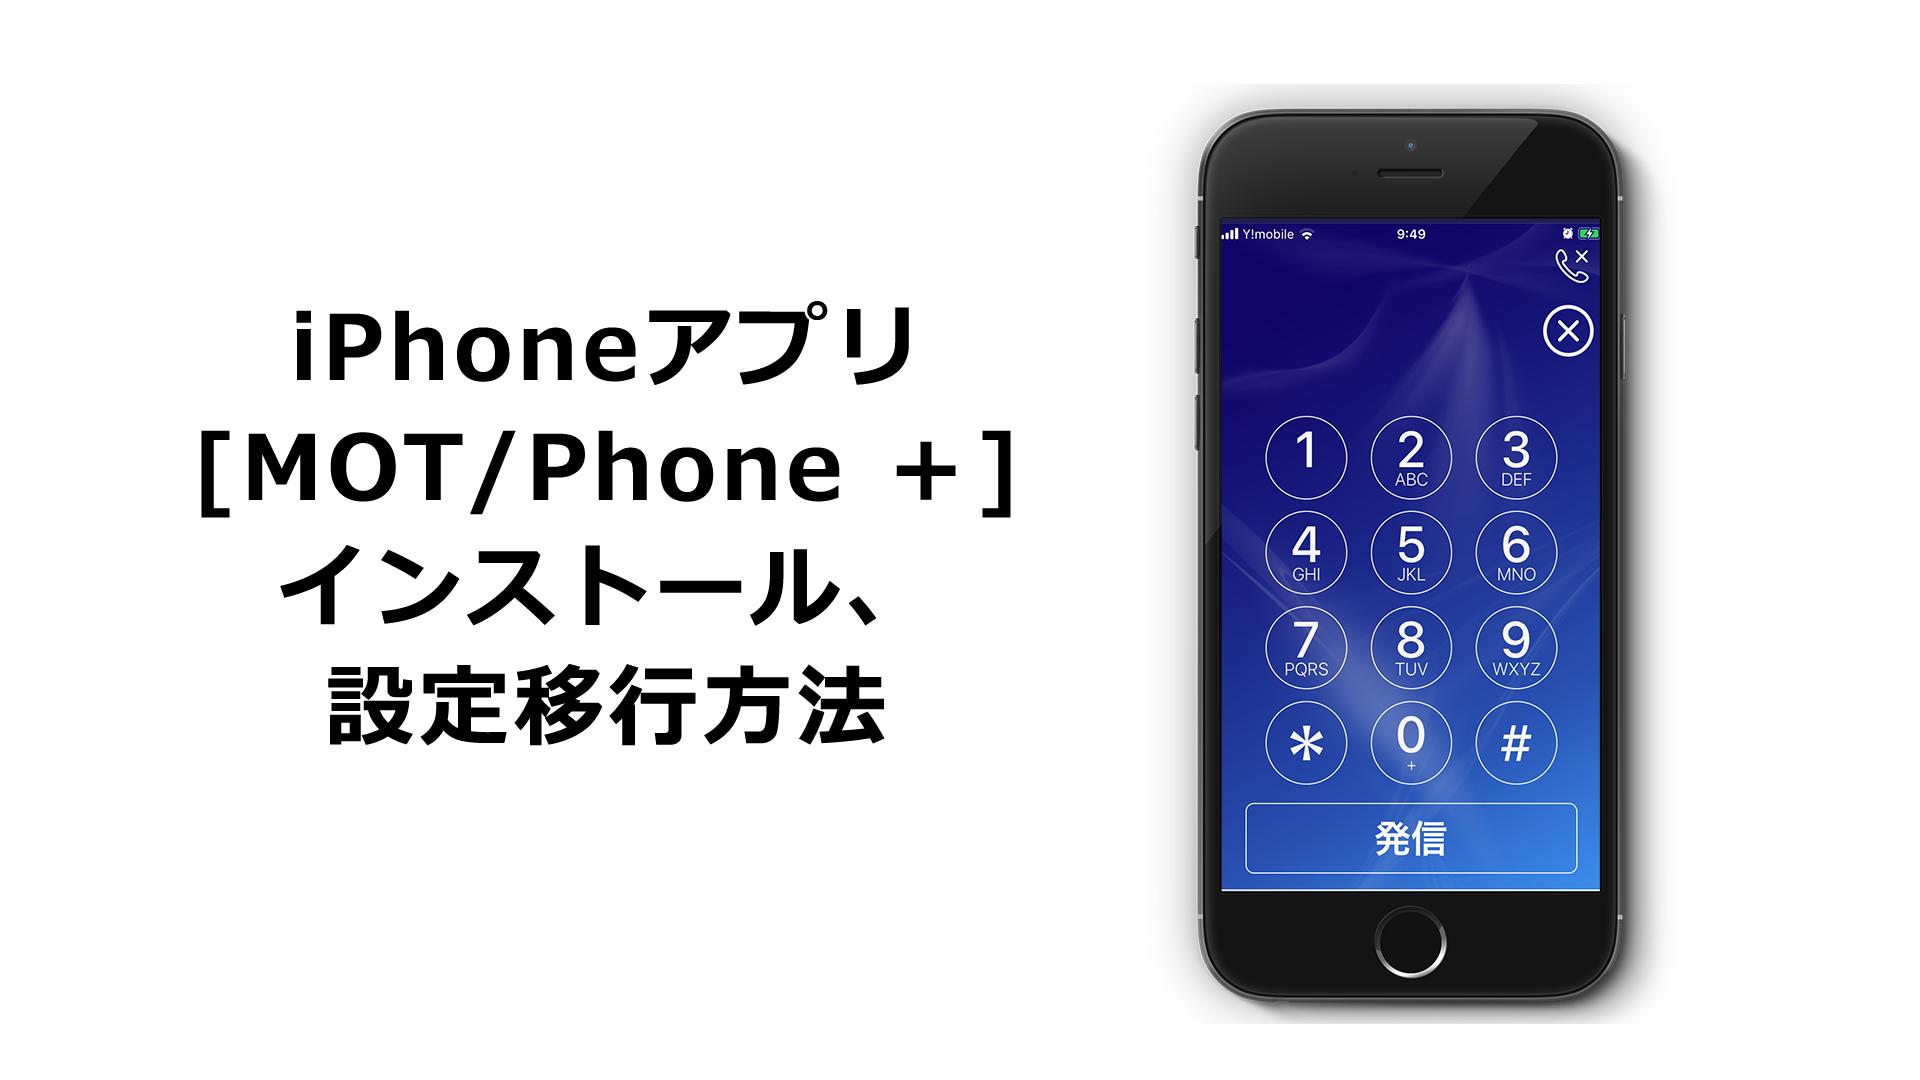 motphone+ファースト